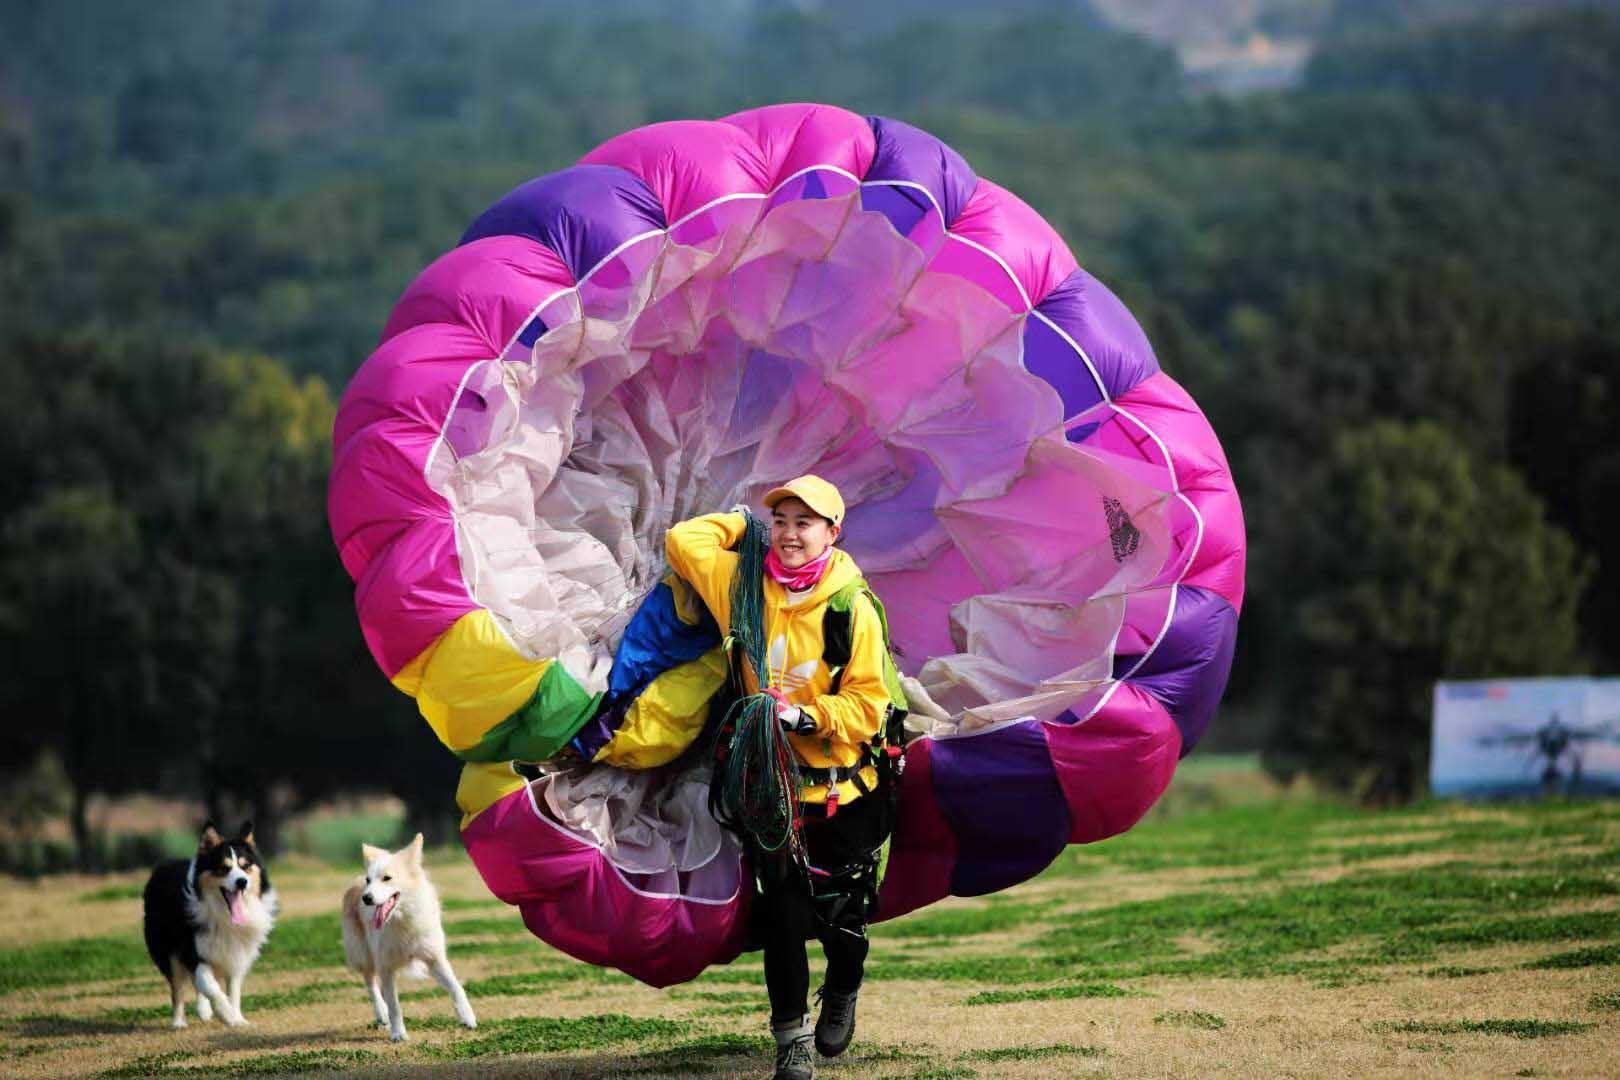 盐城单人单人伞「江阴澄飞体育旅游供应」